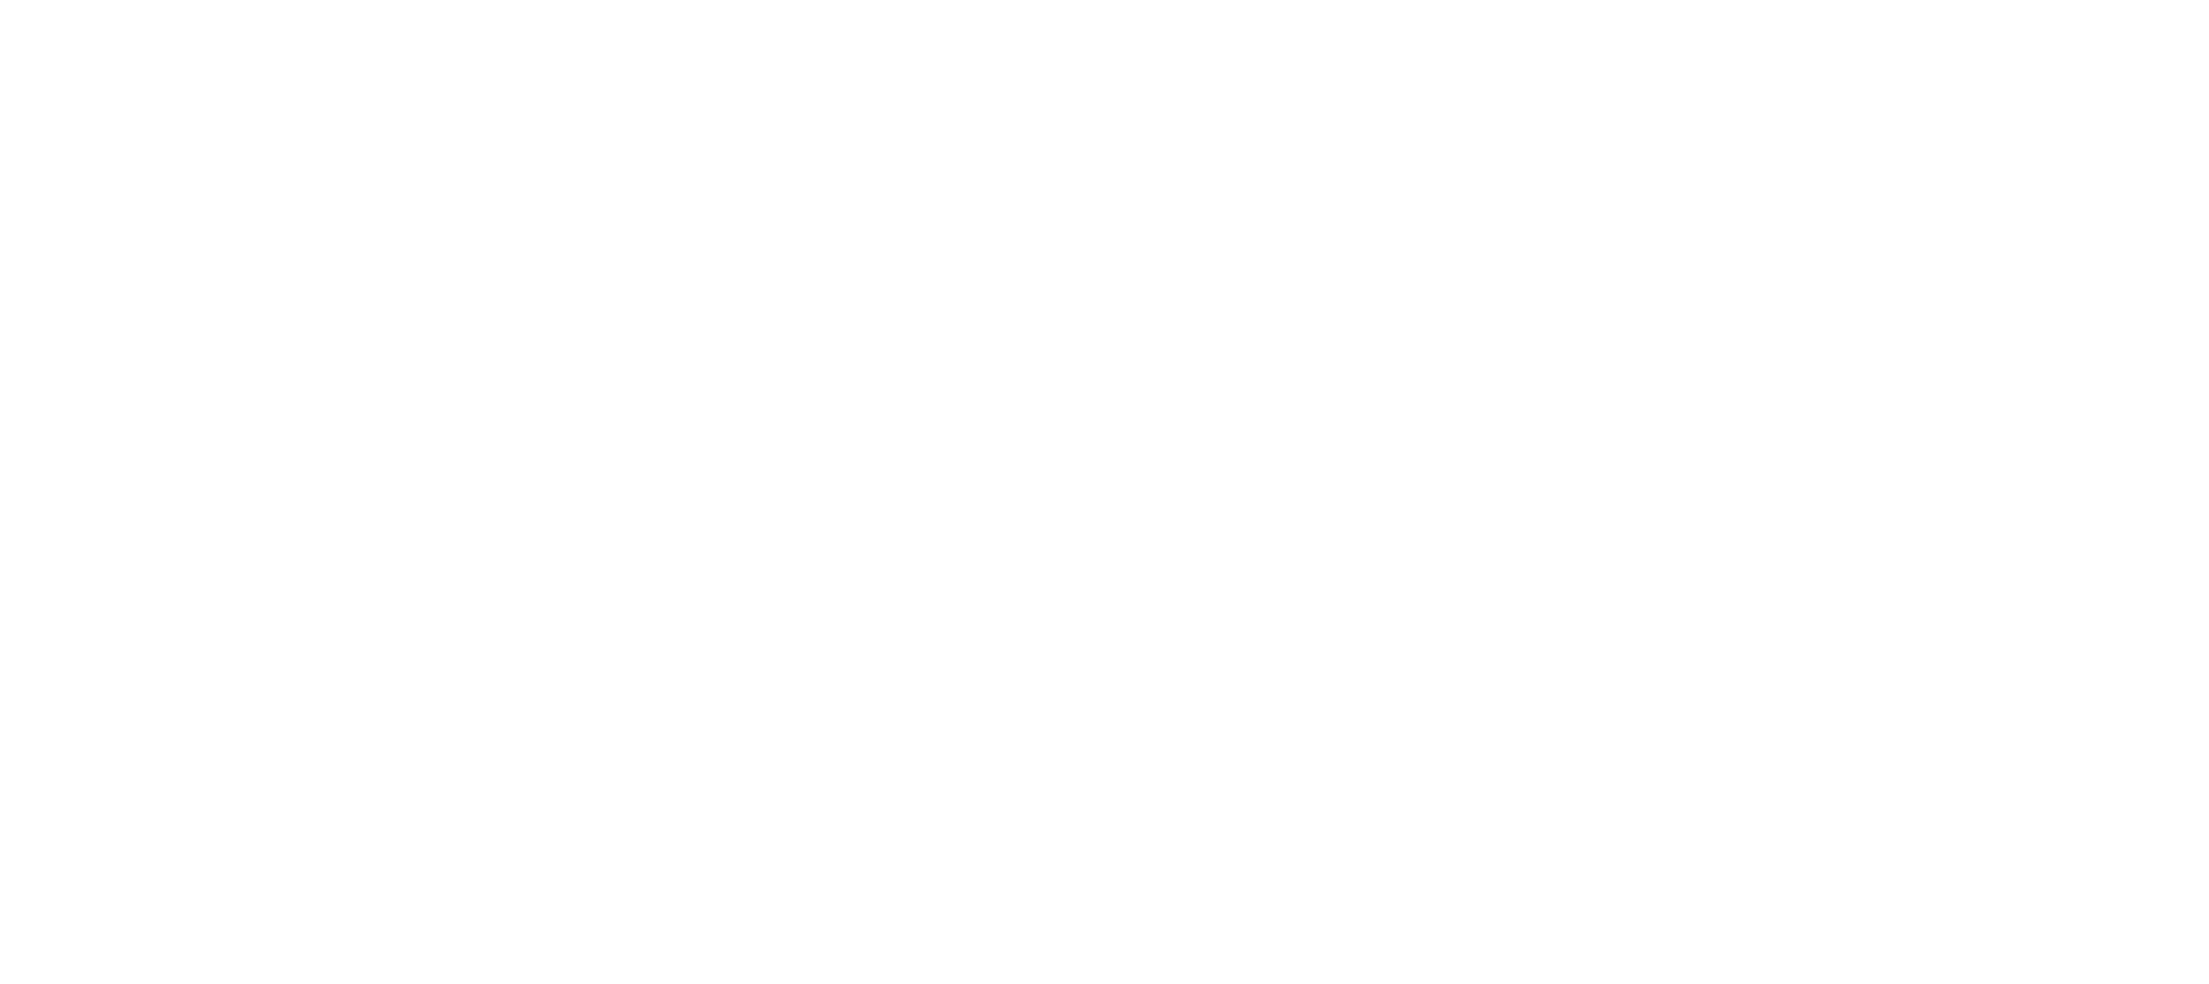 Logotipo-CBR-041.png